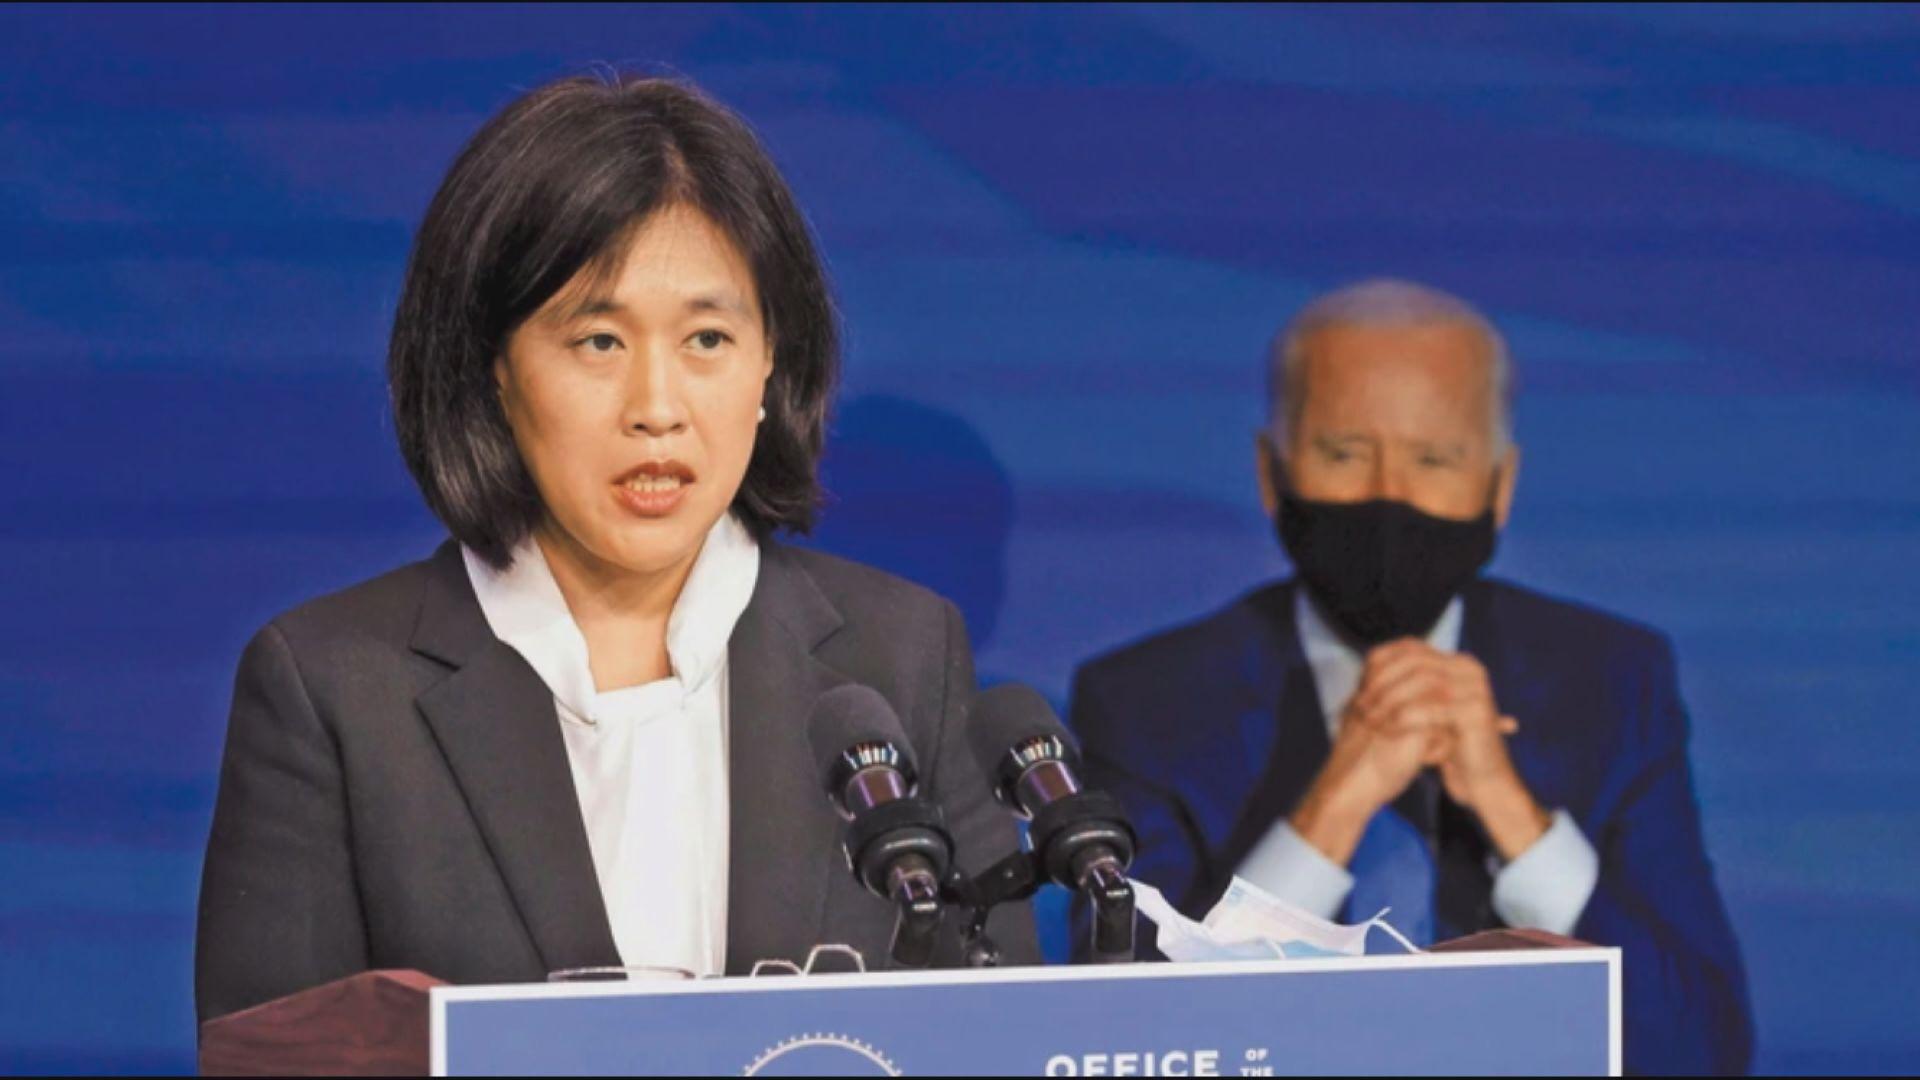 美國貿易代表:拜登政府未做好在近期取消對中國貨關稅的準備